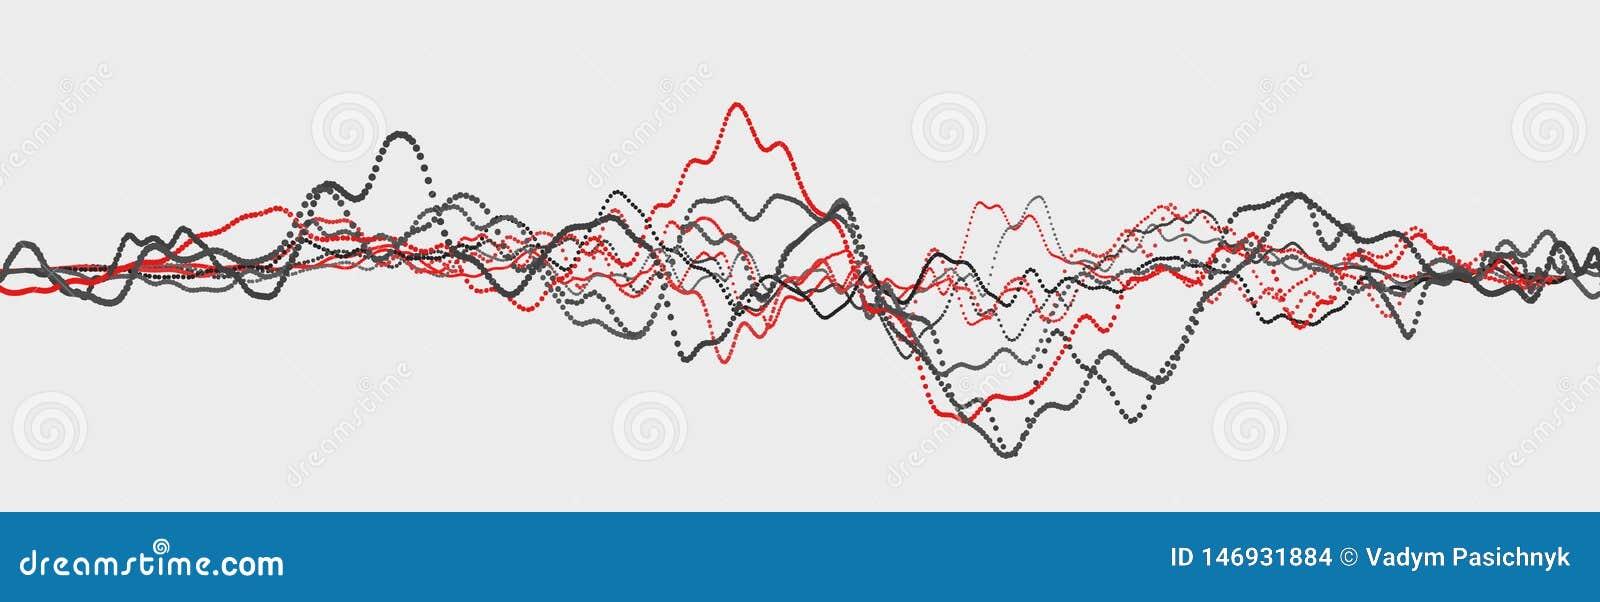 Linea di battito cardiaco cardiogram Impulso del cuore Flusso leggero dinamico rappresentazione 3d